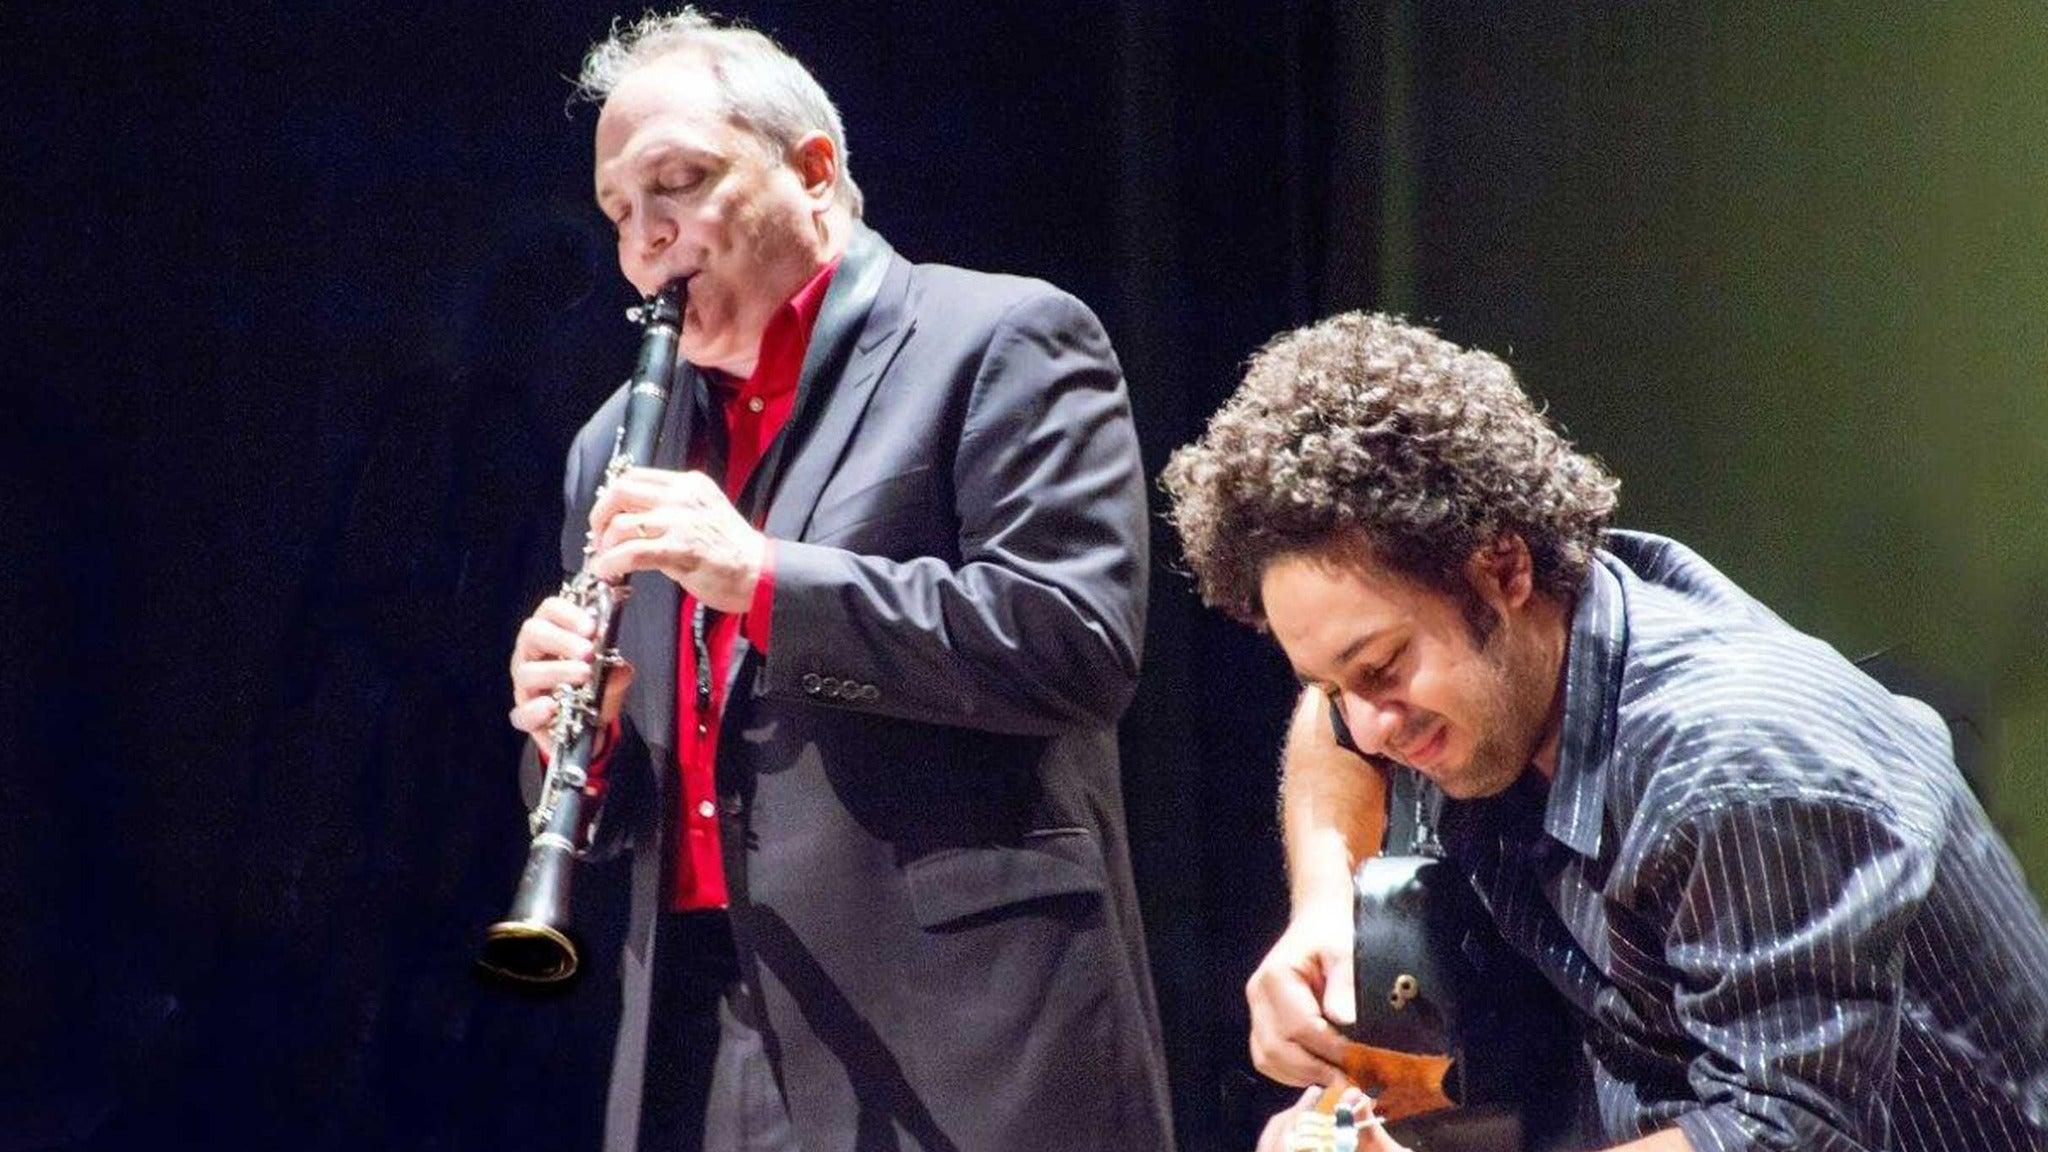 Gold Coast Jazz: Ken Peplowski & Diego Figueiredo - Ft Lauderdale, FL 33312